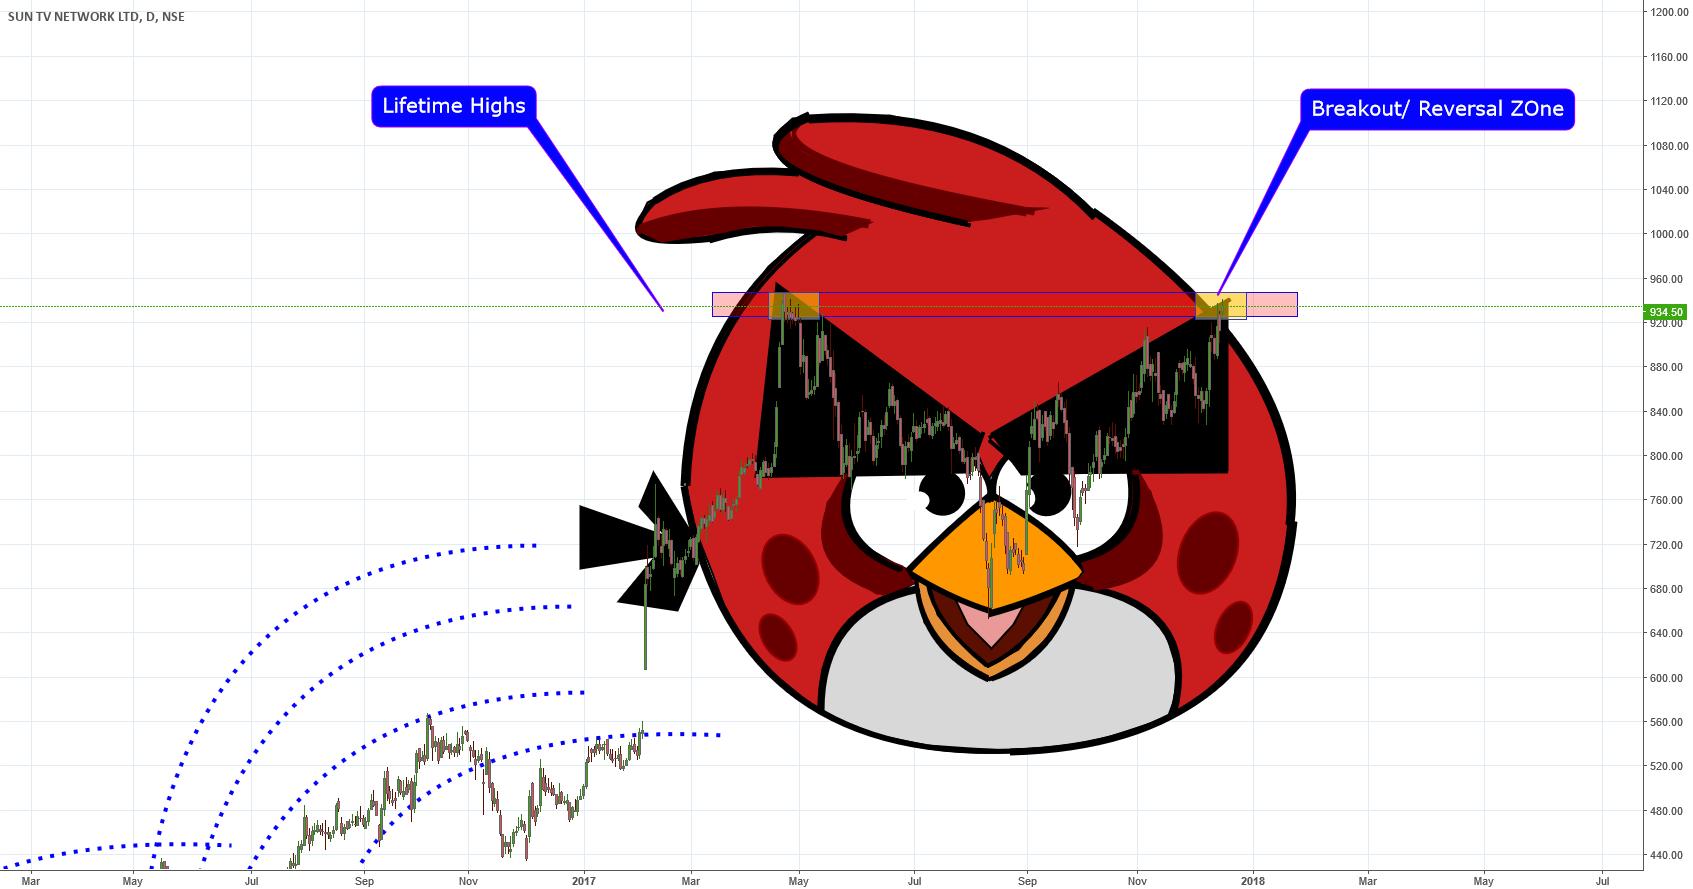 SUNTV Angry_Bird Breakout